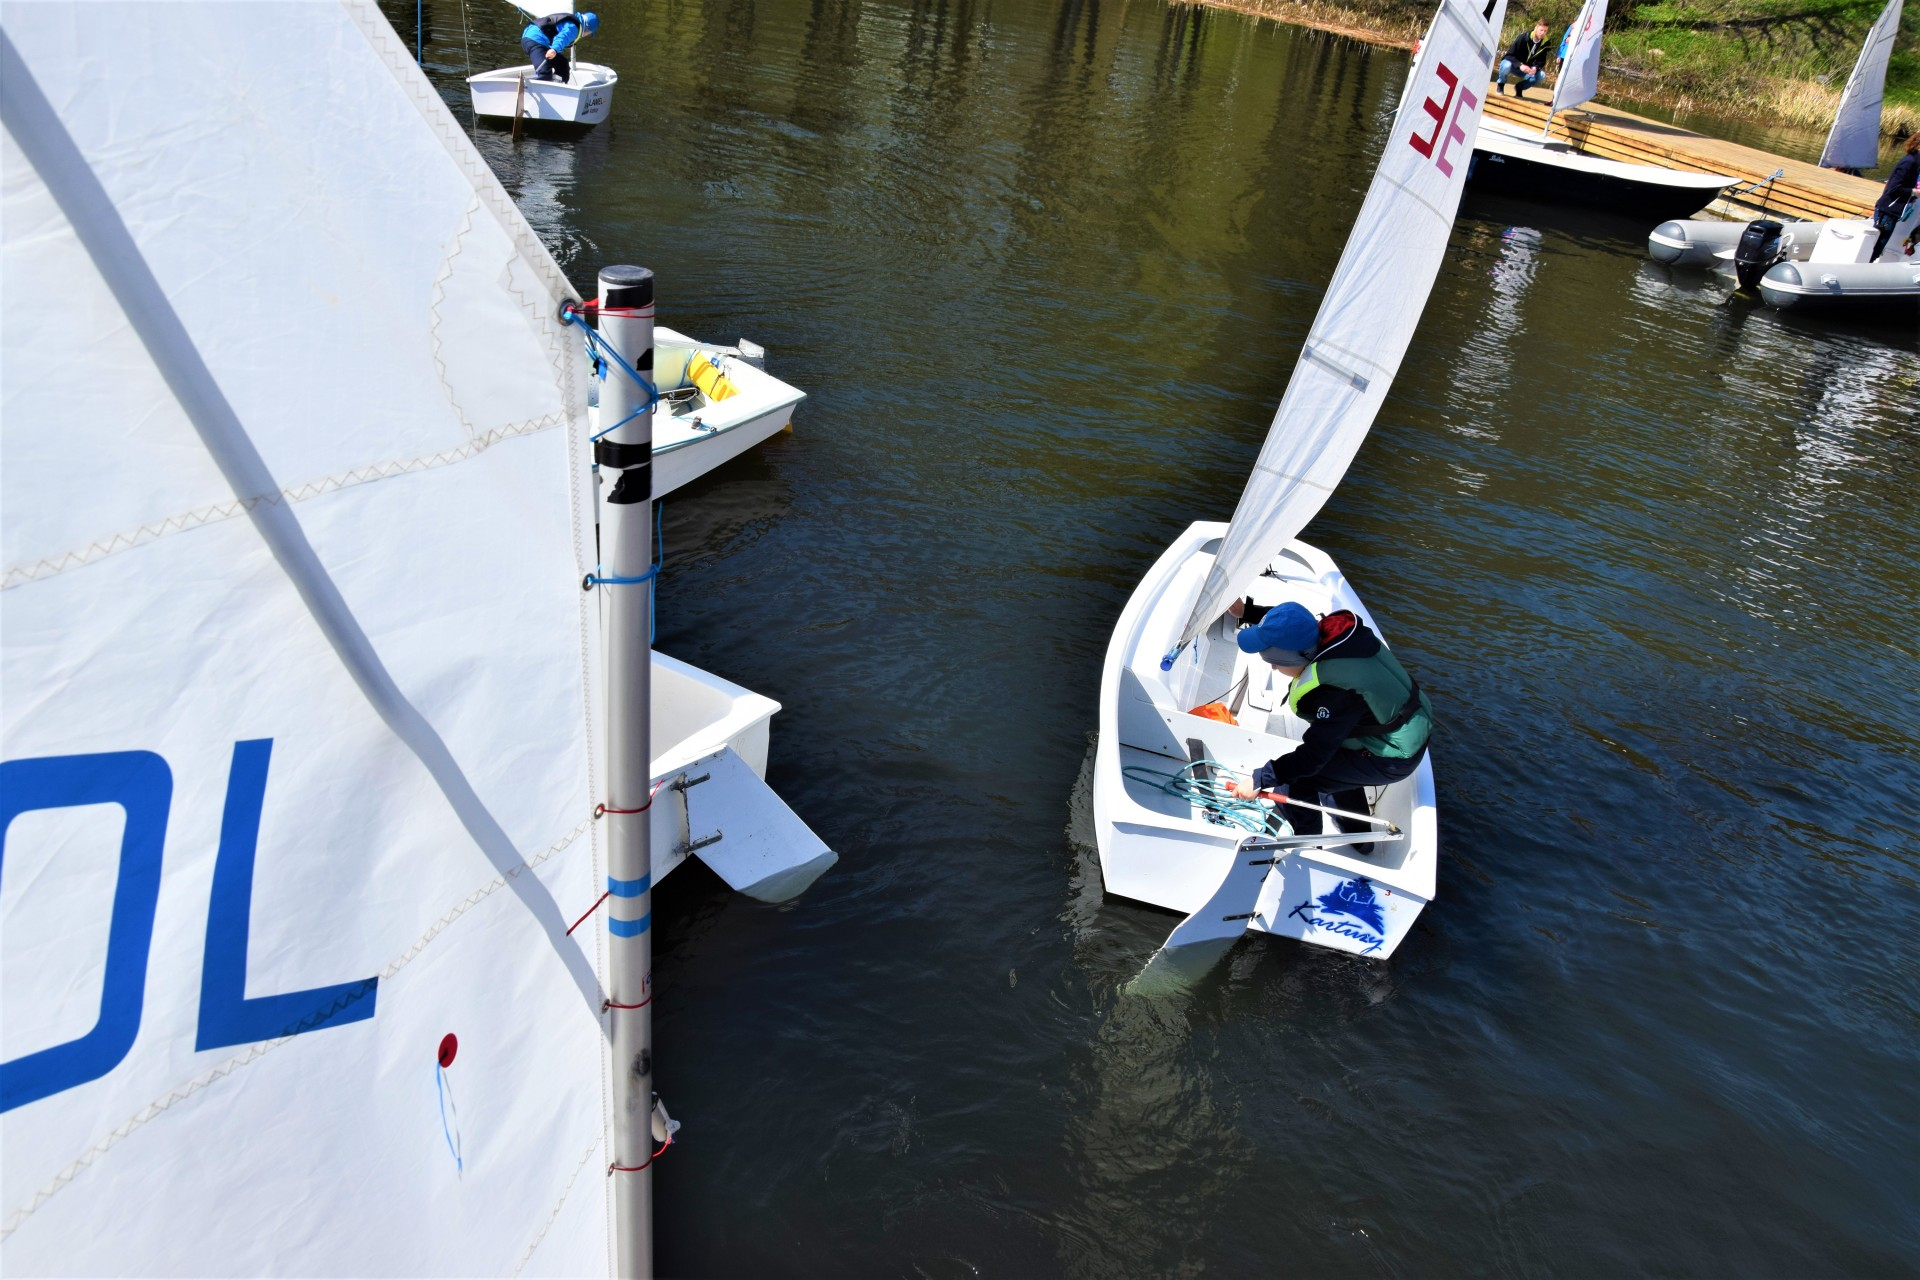 Żagle na Kaszubach. Dzieciaki na łódkach [FOTOREPORTAŻ] 2